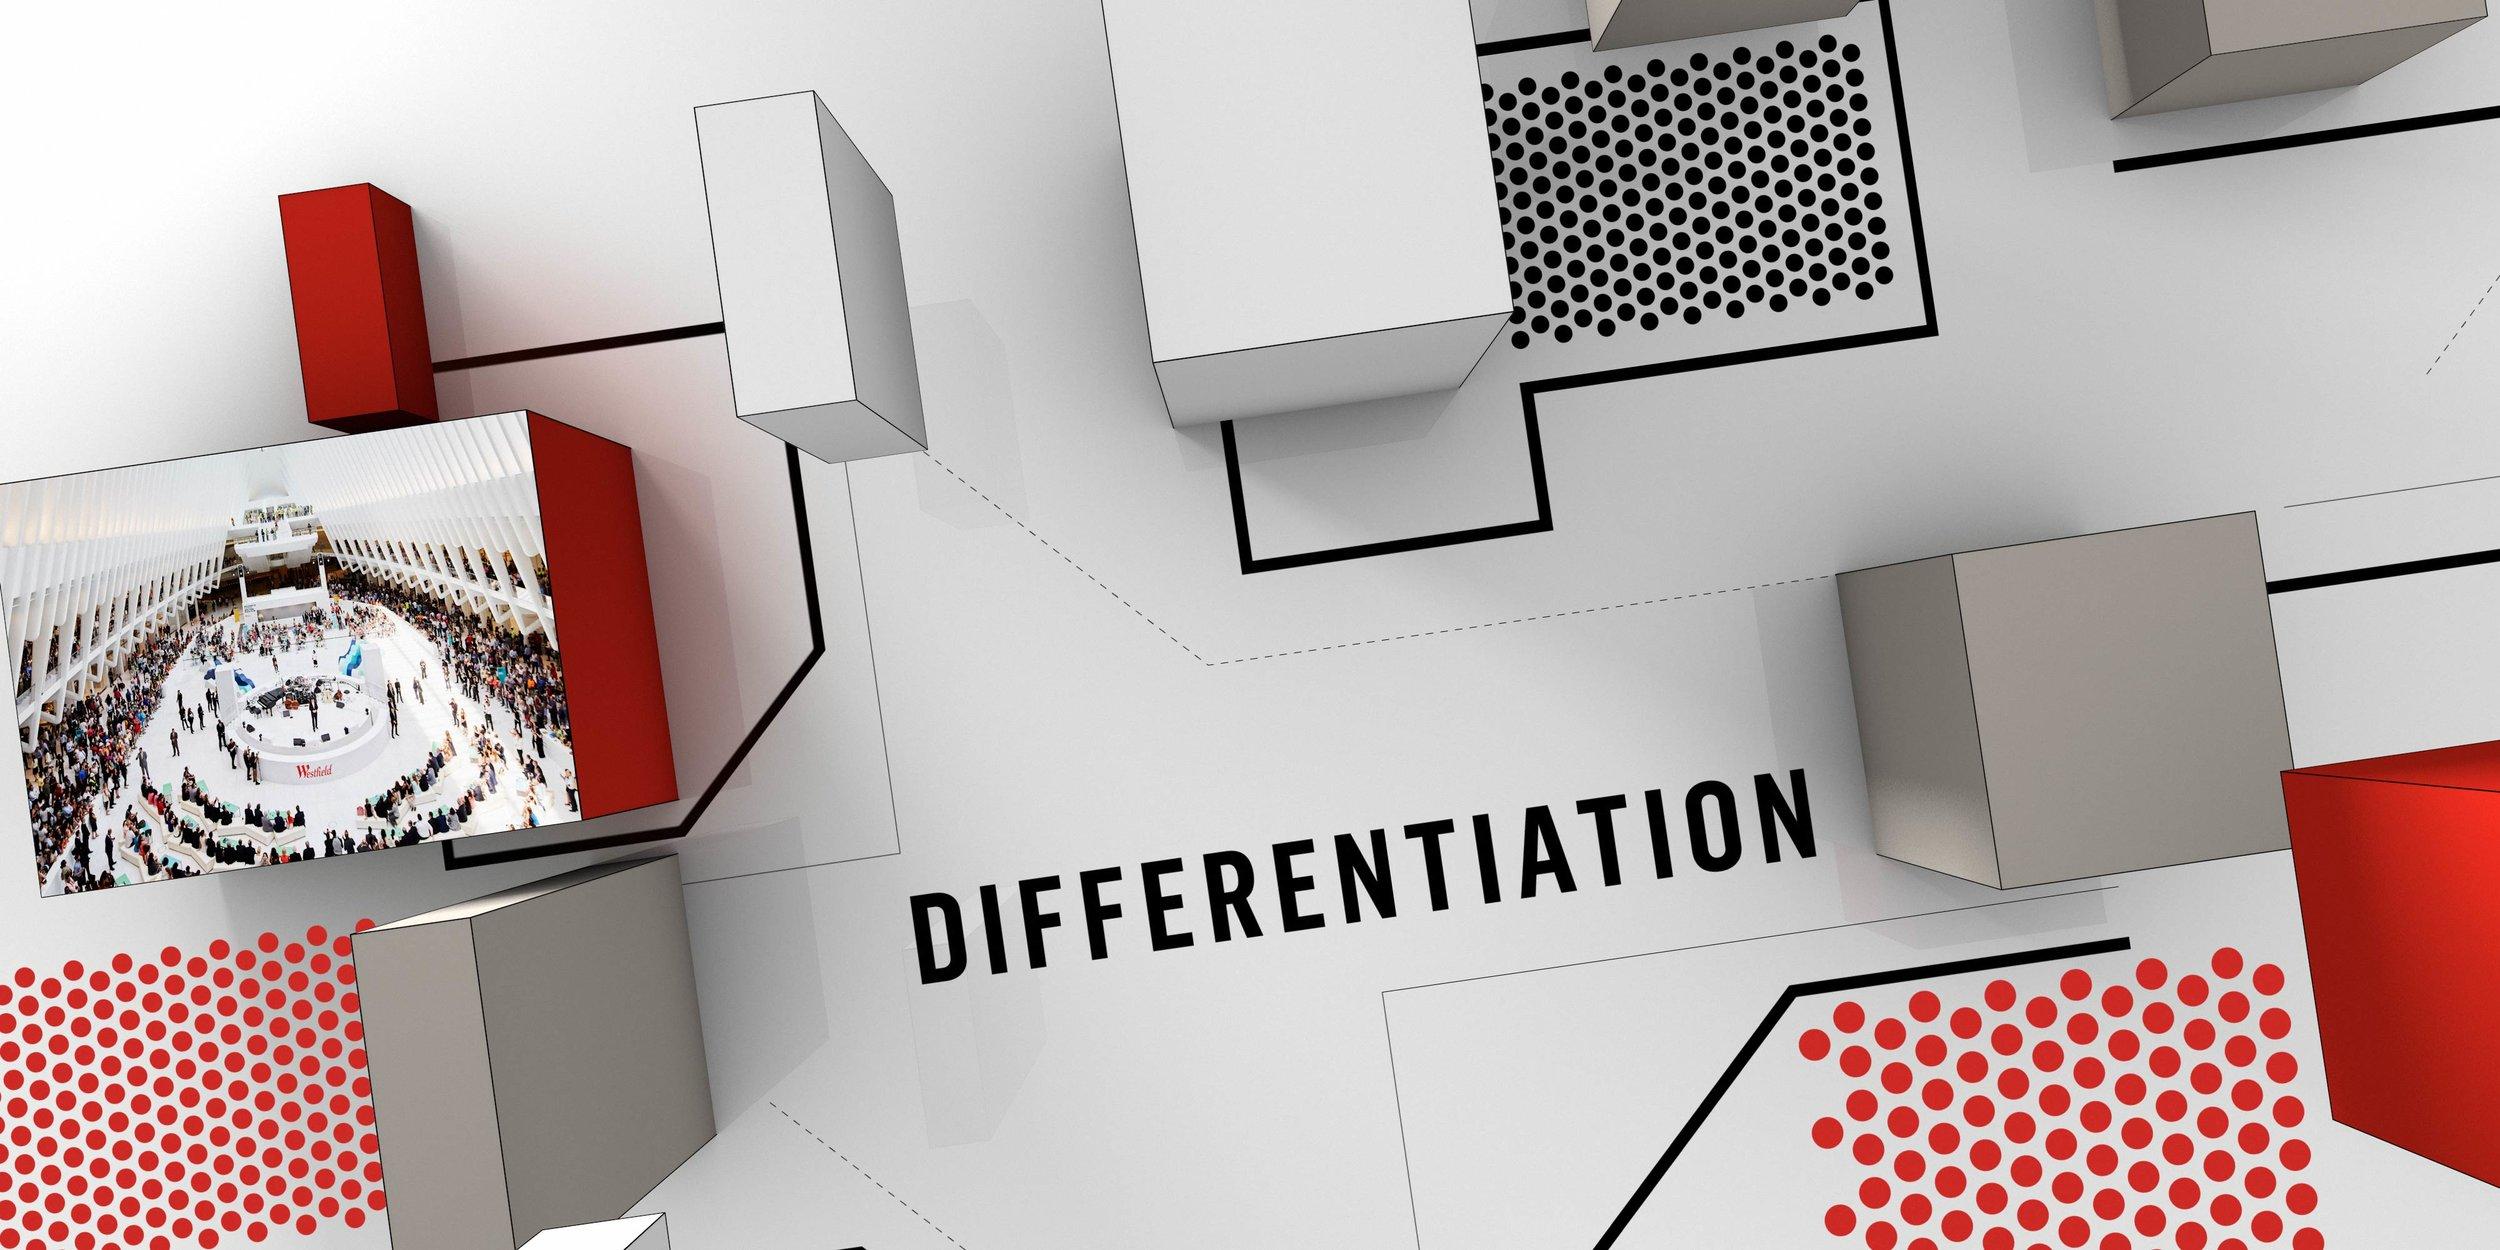 Differentiation01.jpg